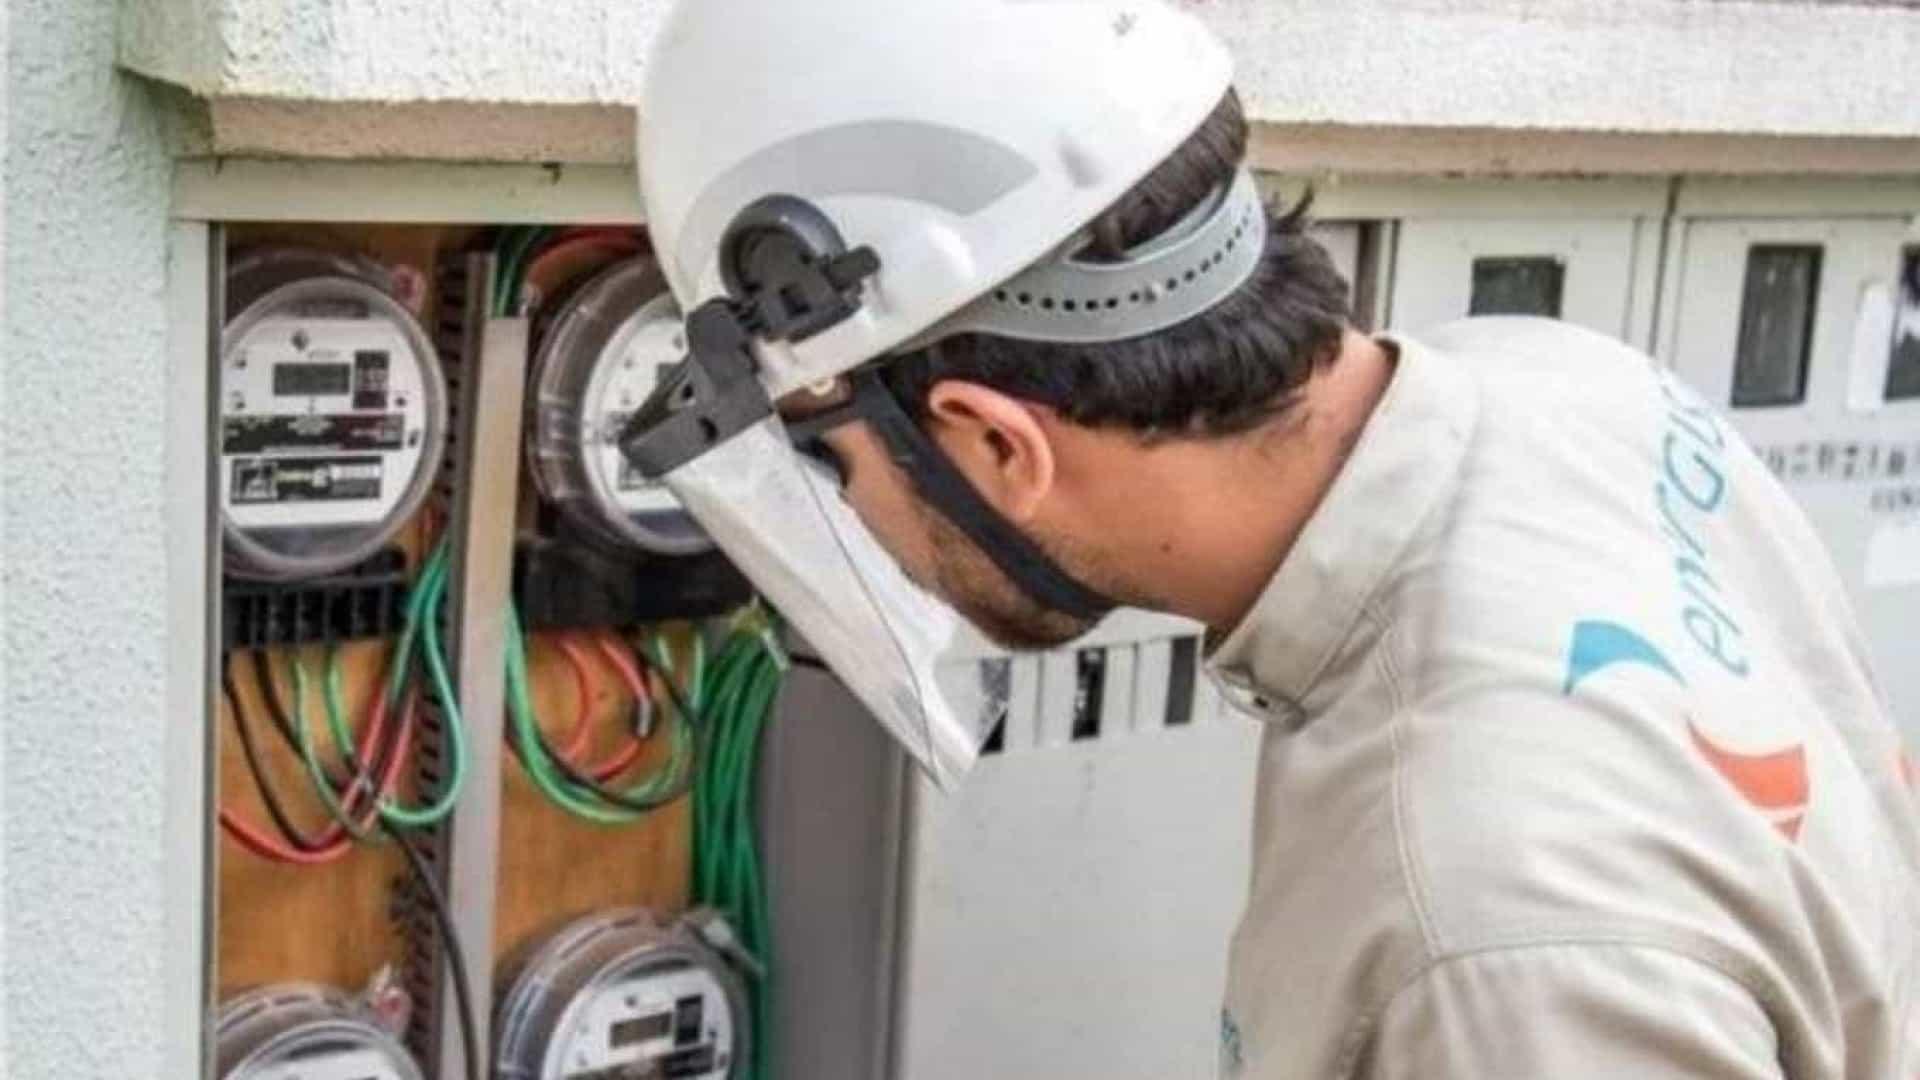 naom 5ef1c746e3605 - Consumo de energia volta a níveis pré-pandemia no Brasil